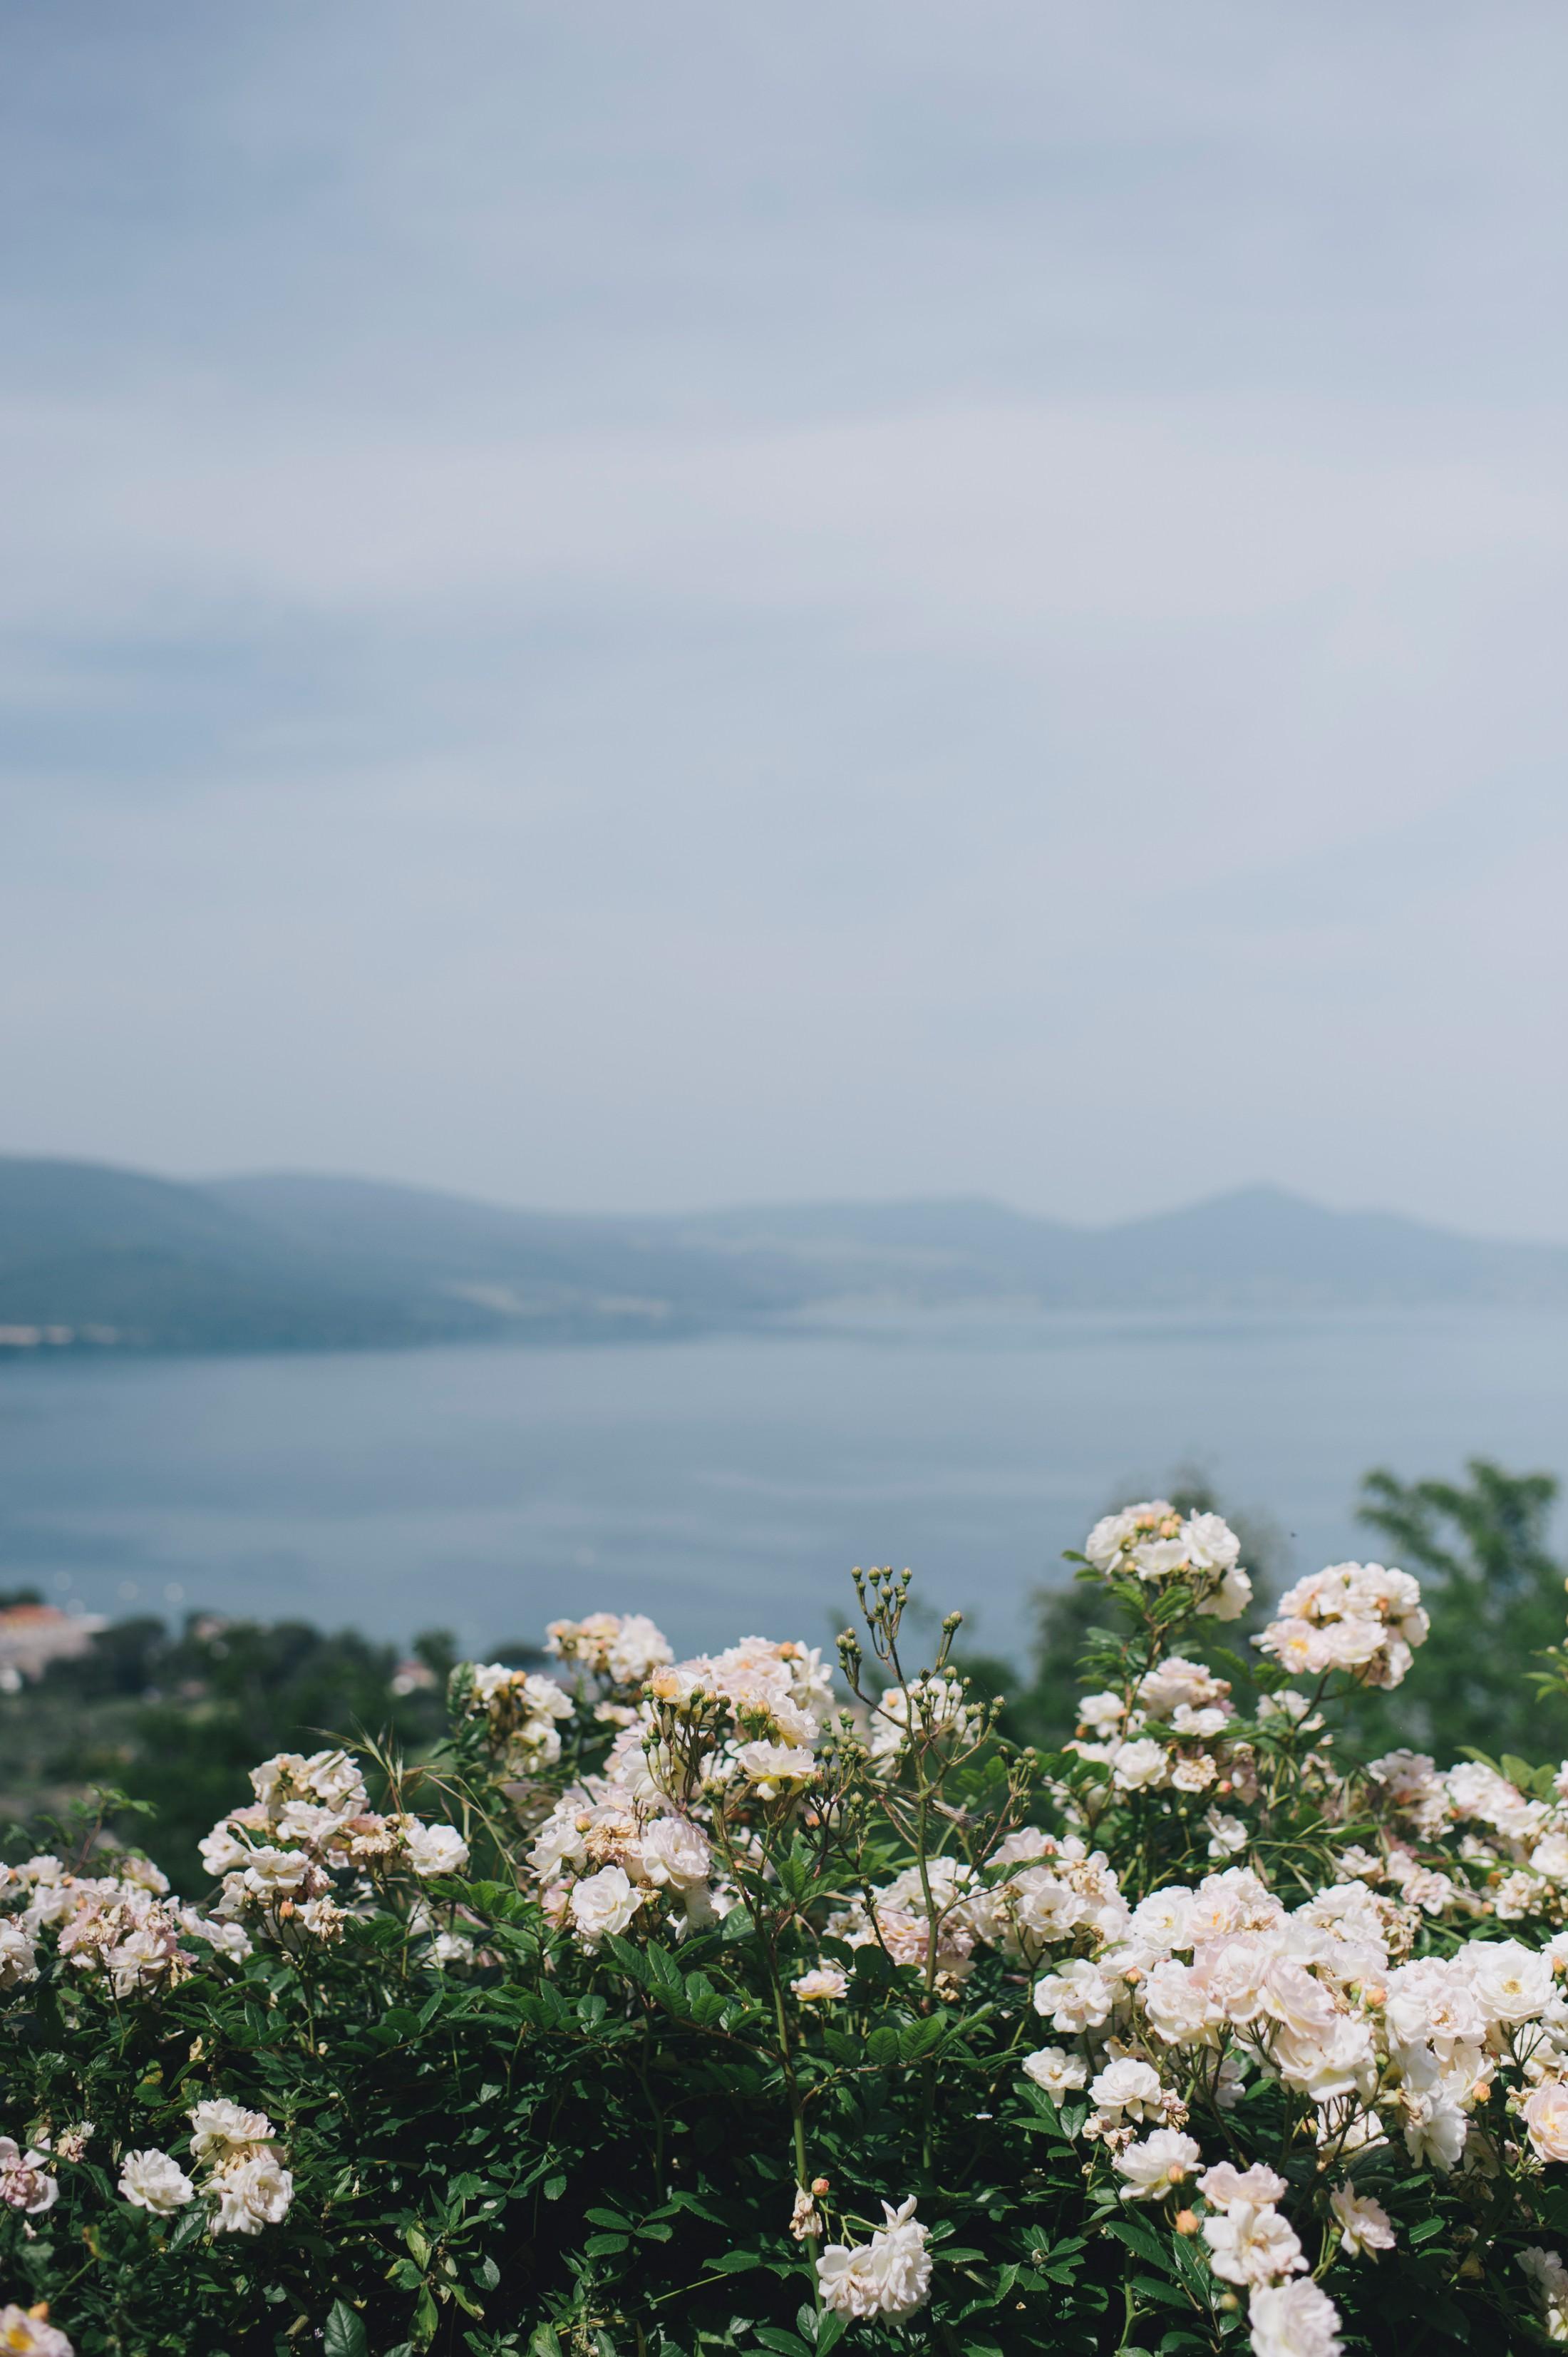 landscape in bracciano